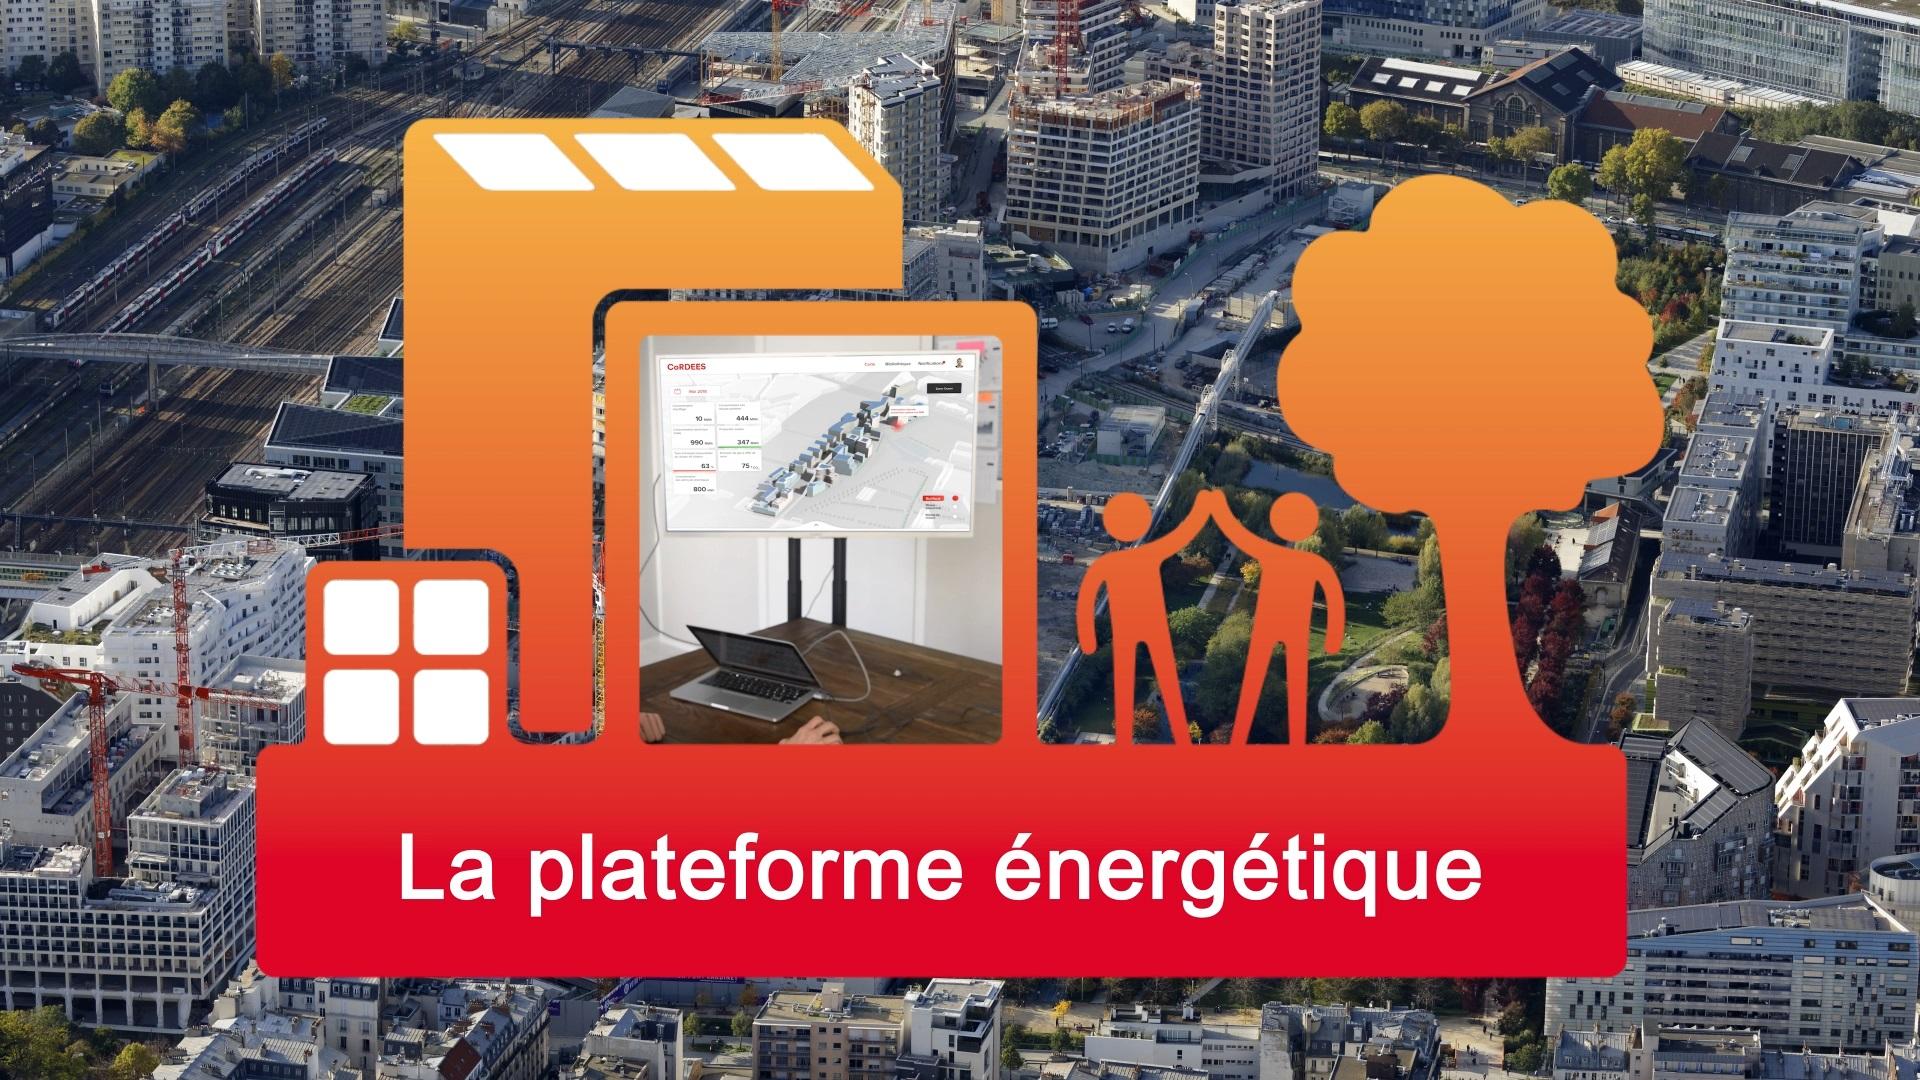 La plateforme énergétique